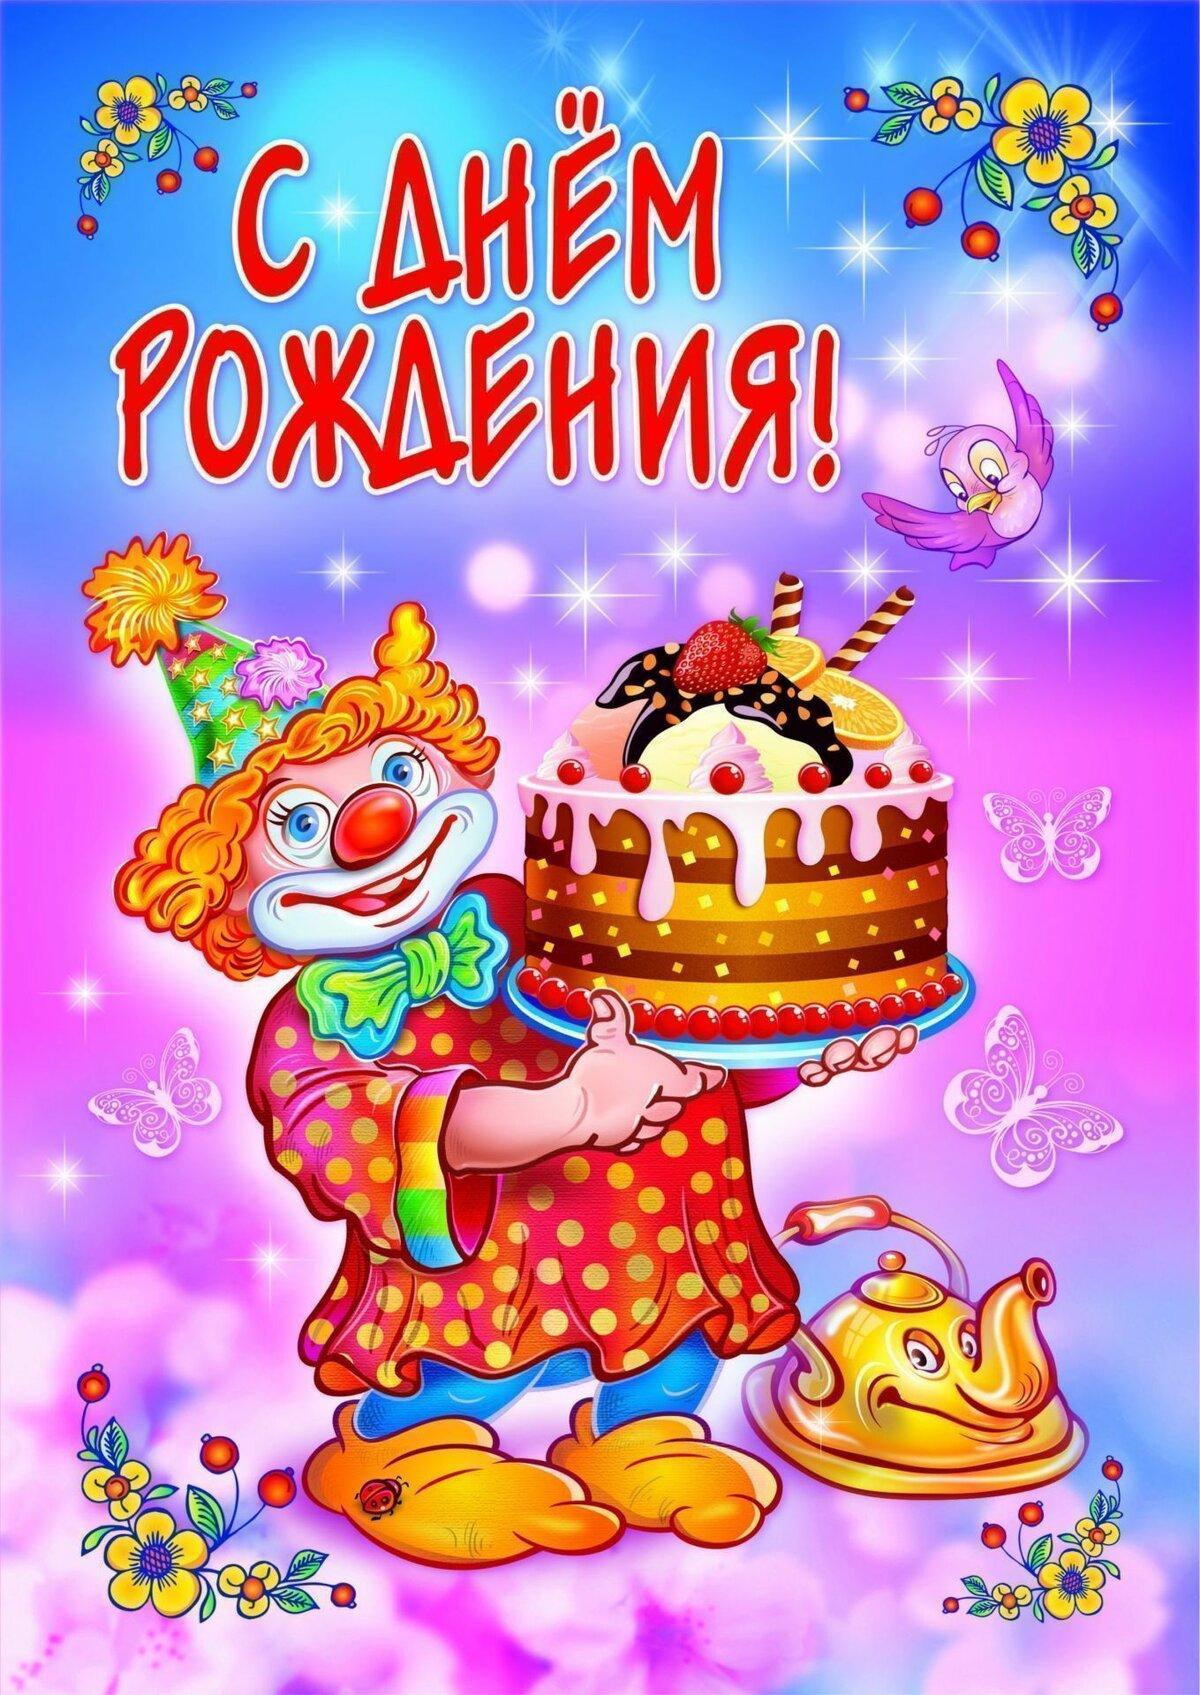 открытки с днем рождения ханума